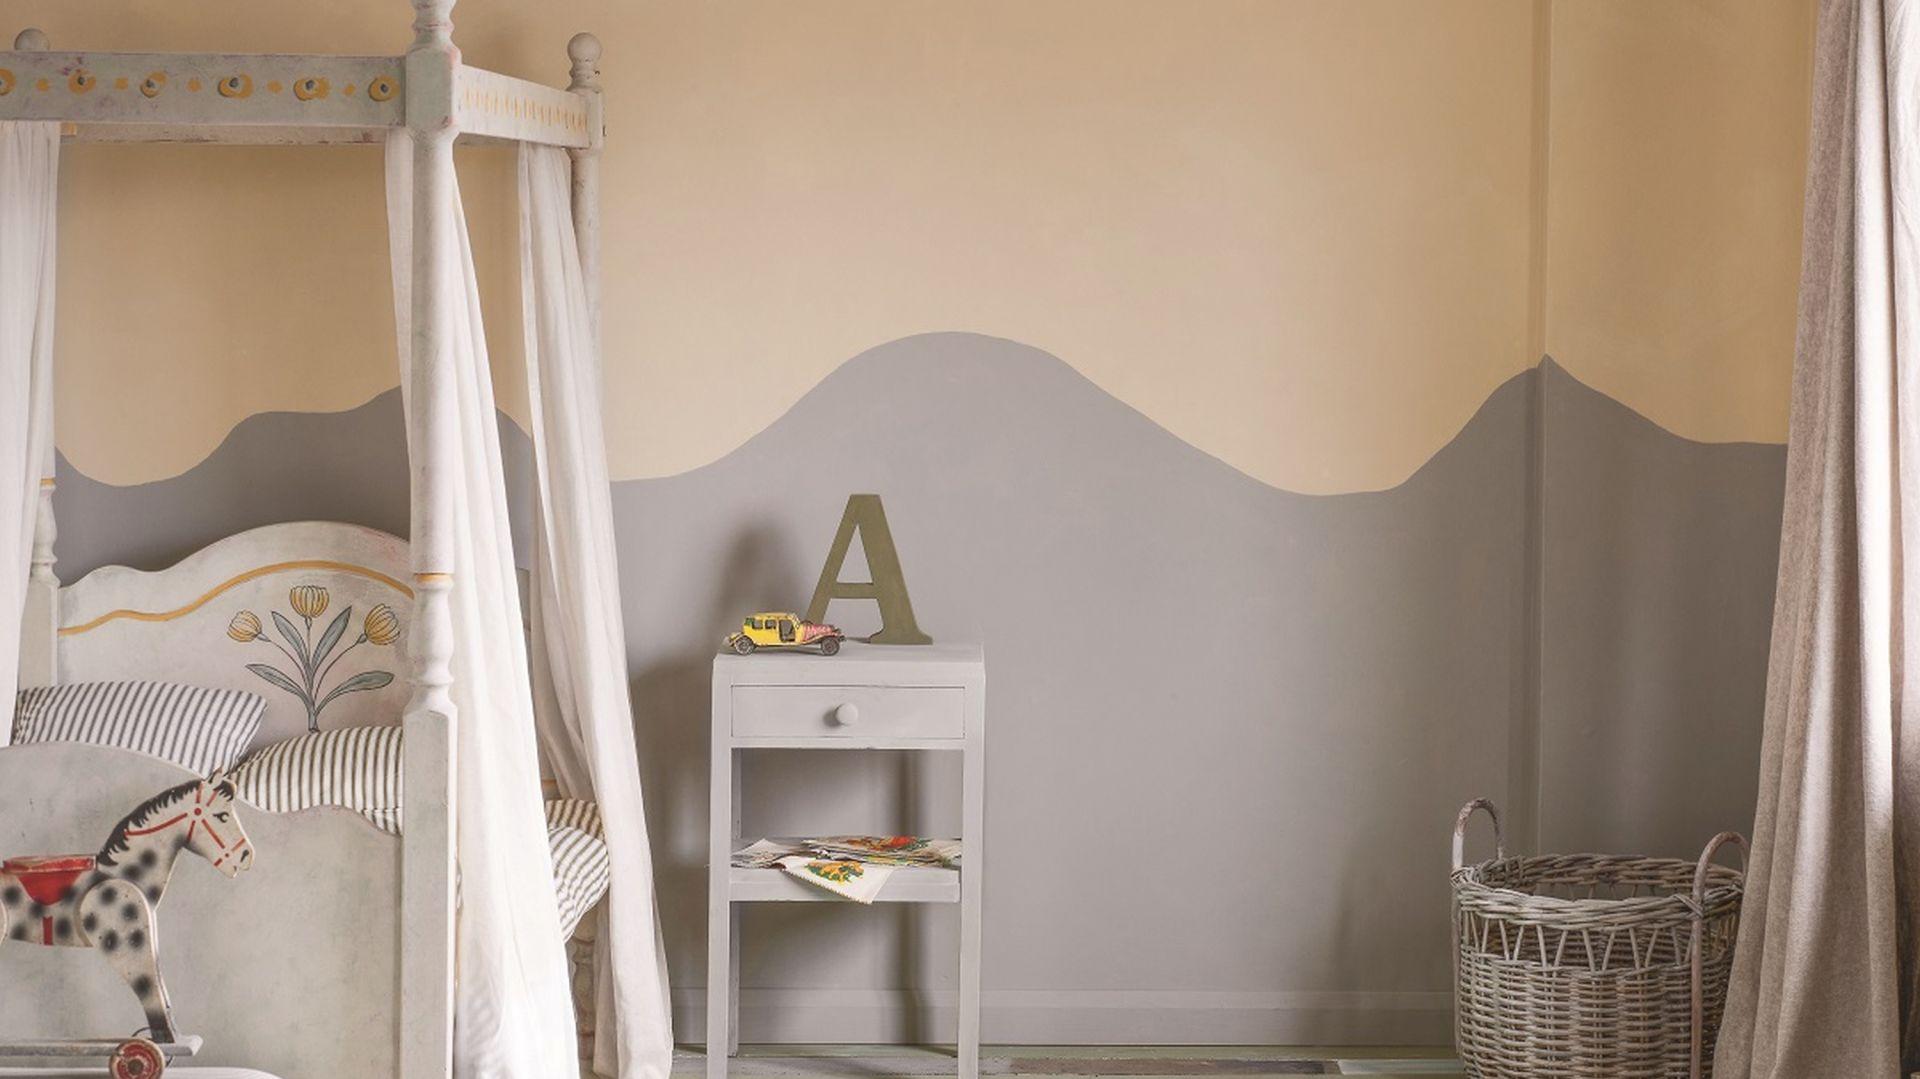 Annie Sloan_ściana, pomalowana Wall Paint w kolorze Paris Grey i Old Ochre, tworzy tło dla tradycyjnego łóżka z baldachimem-rama łóżka została pomalowana farbami Chalk Paint, wzory pędzlami do detali.